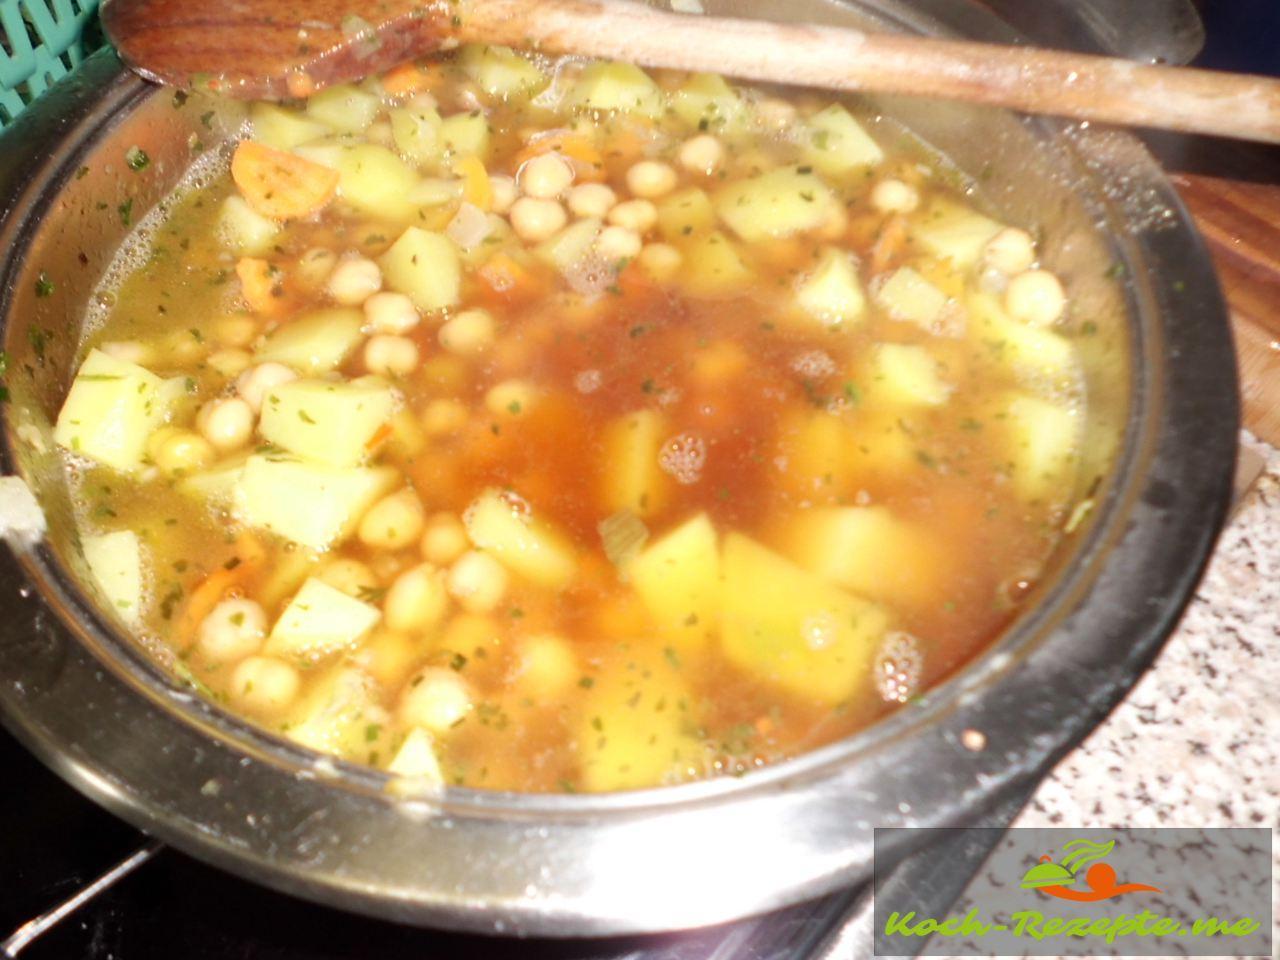 Suppe 15 Minuten köcheln lassen für die Kichererbsensuppe